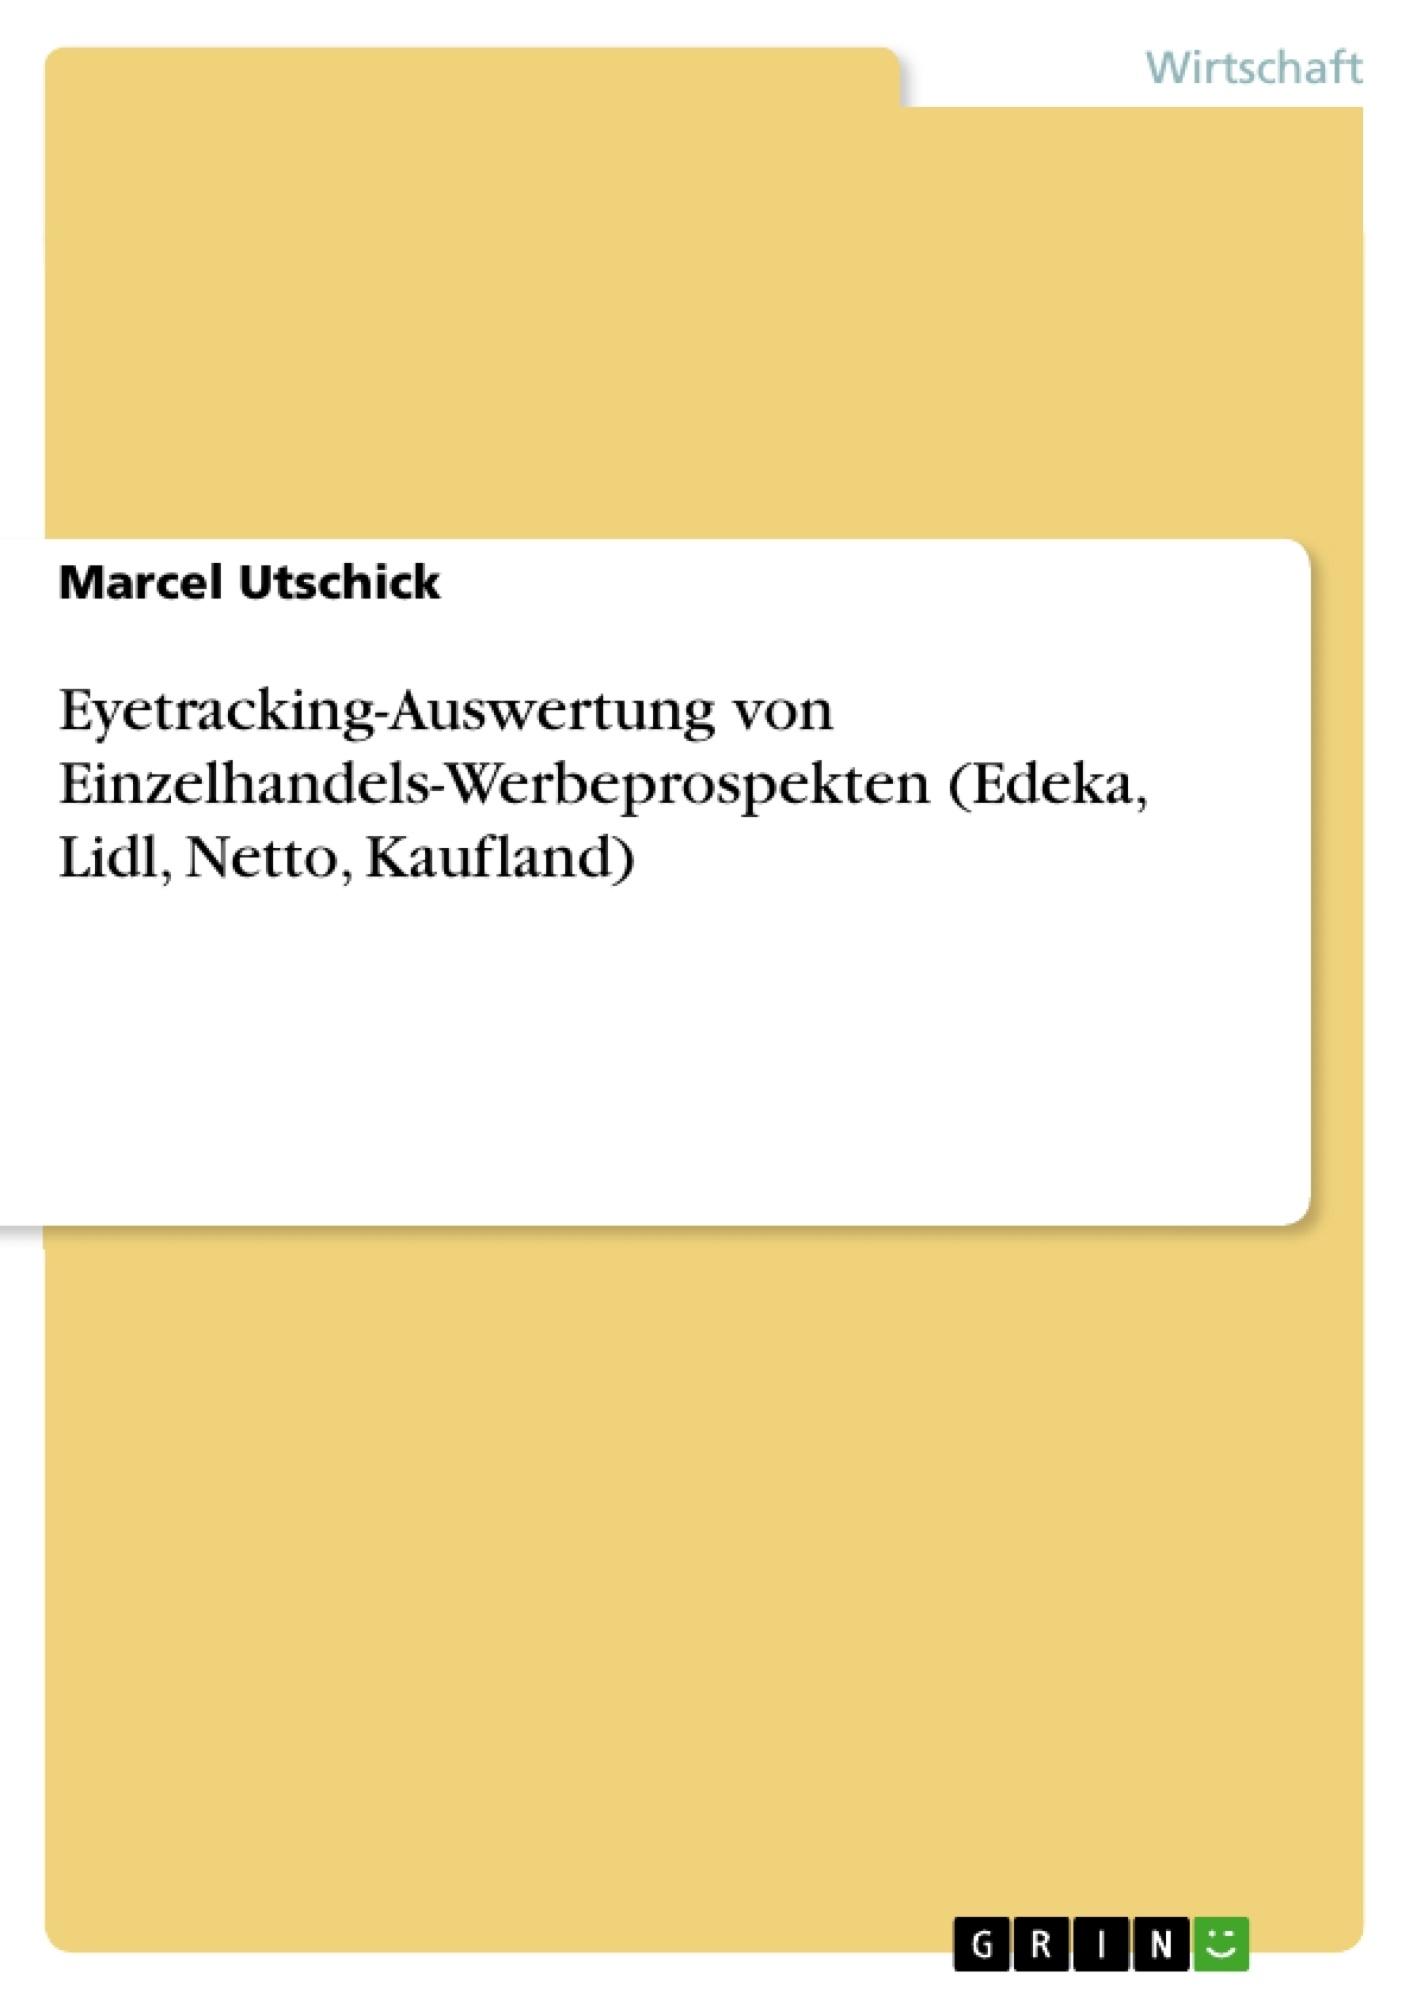 Titel: Eyetracking-Auswertung von Einzelhandels-Werbeprospekten (Edeka, Lidl, Netto, Kaufland)